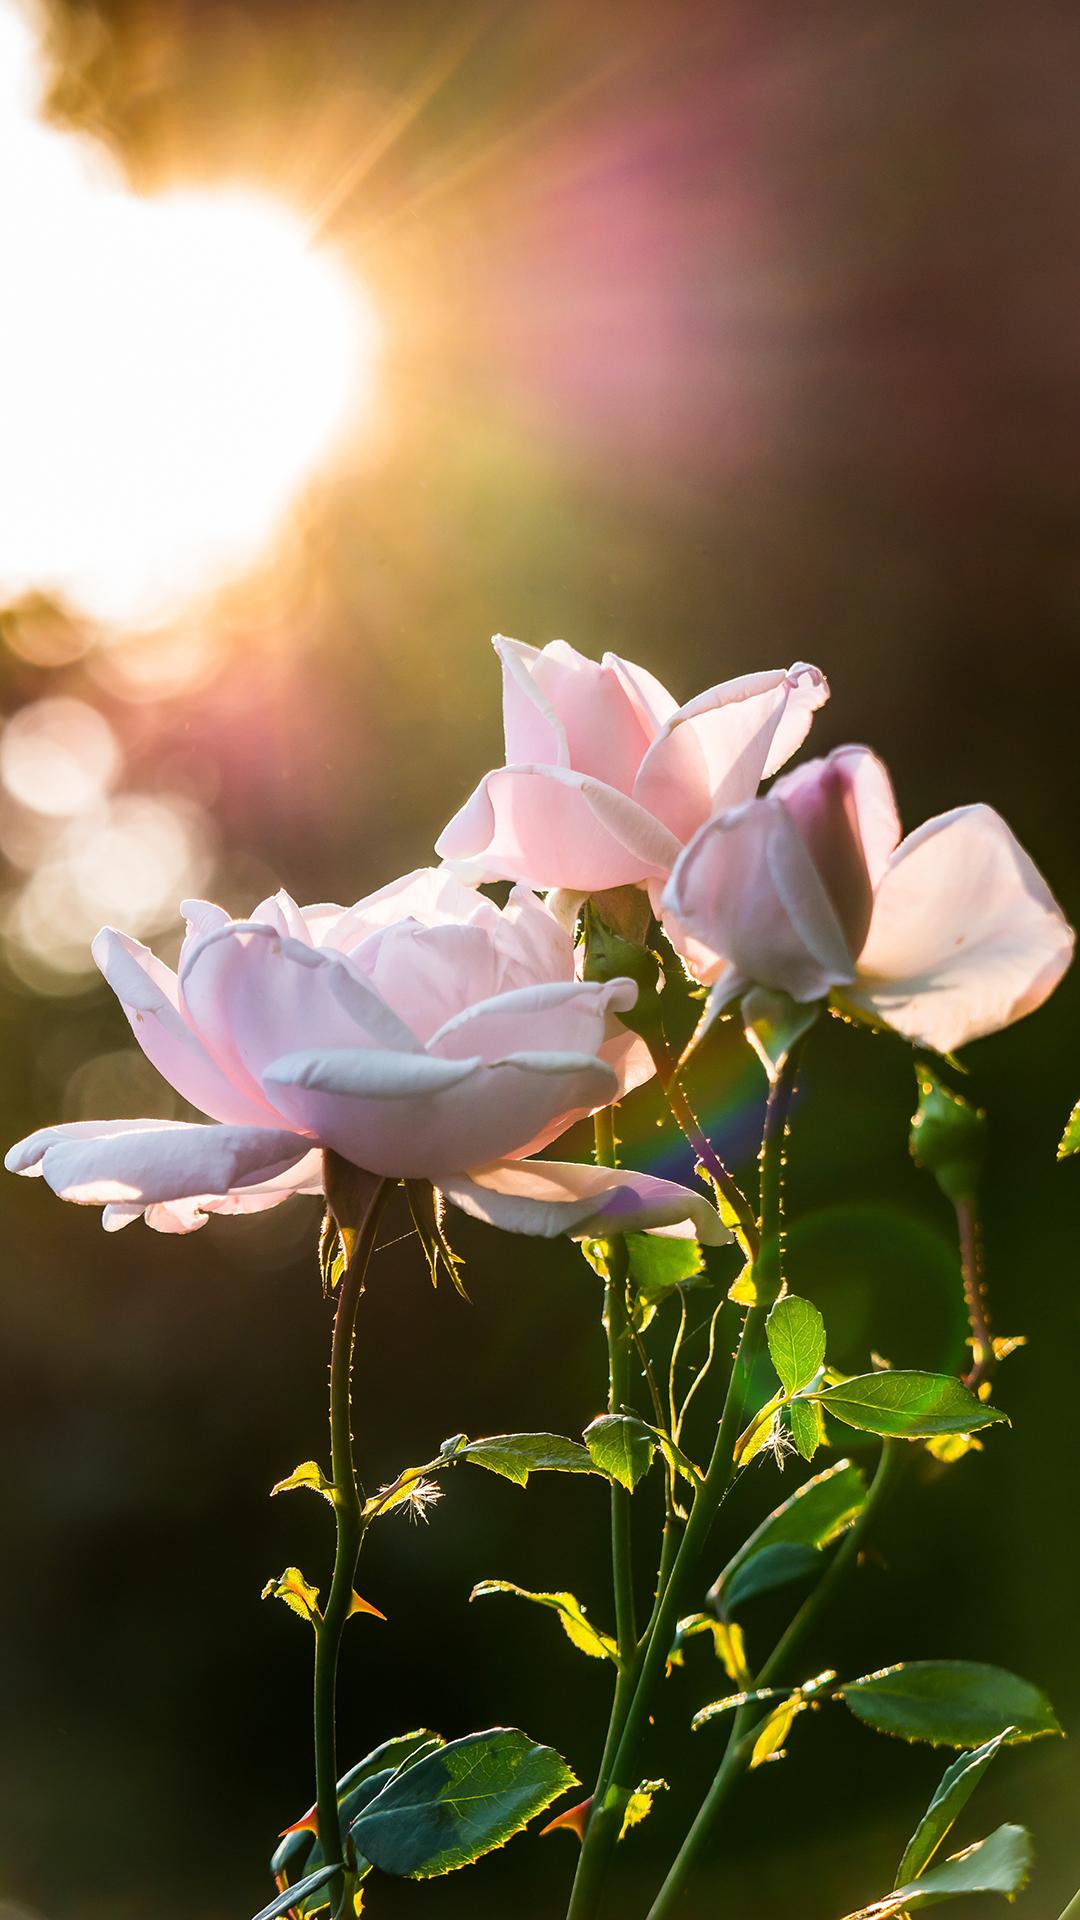 粉色玫瑰花 鲜花 阳光 苹果手机高清壁纸 1080x1920